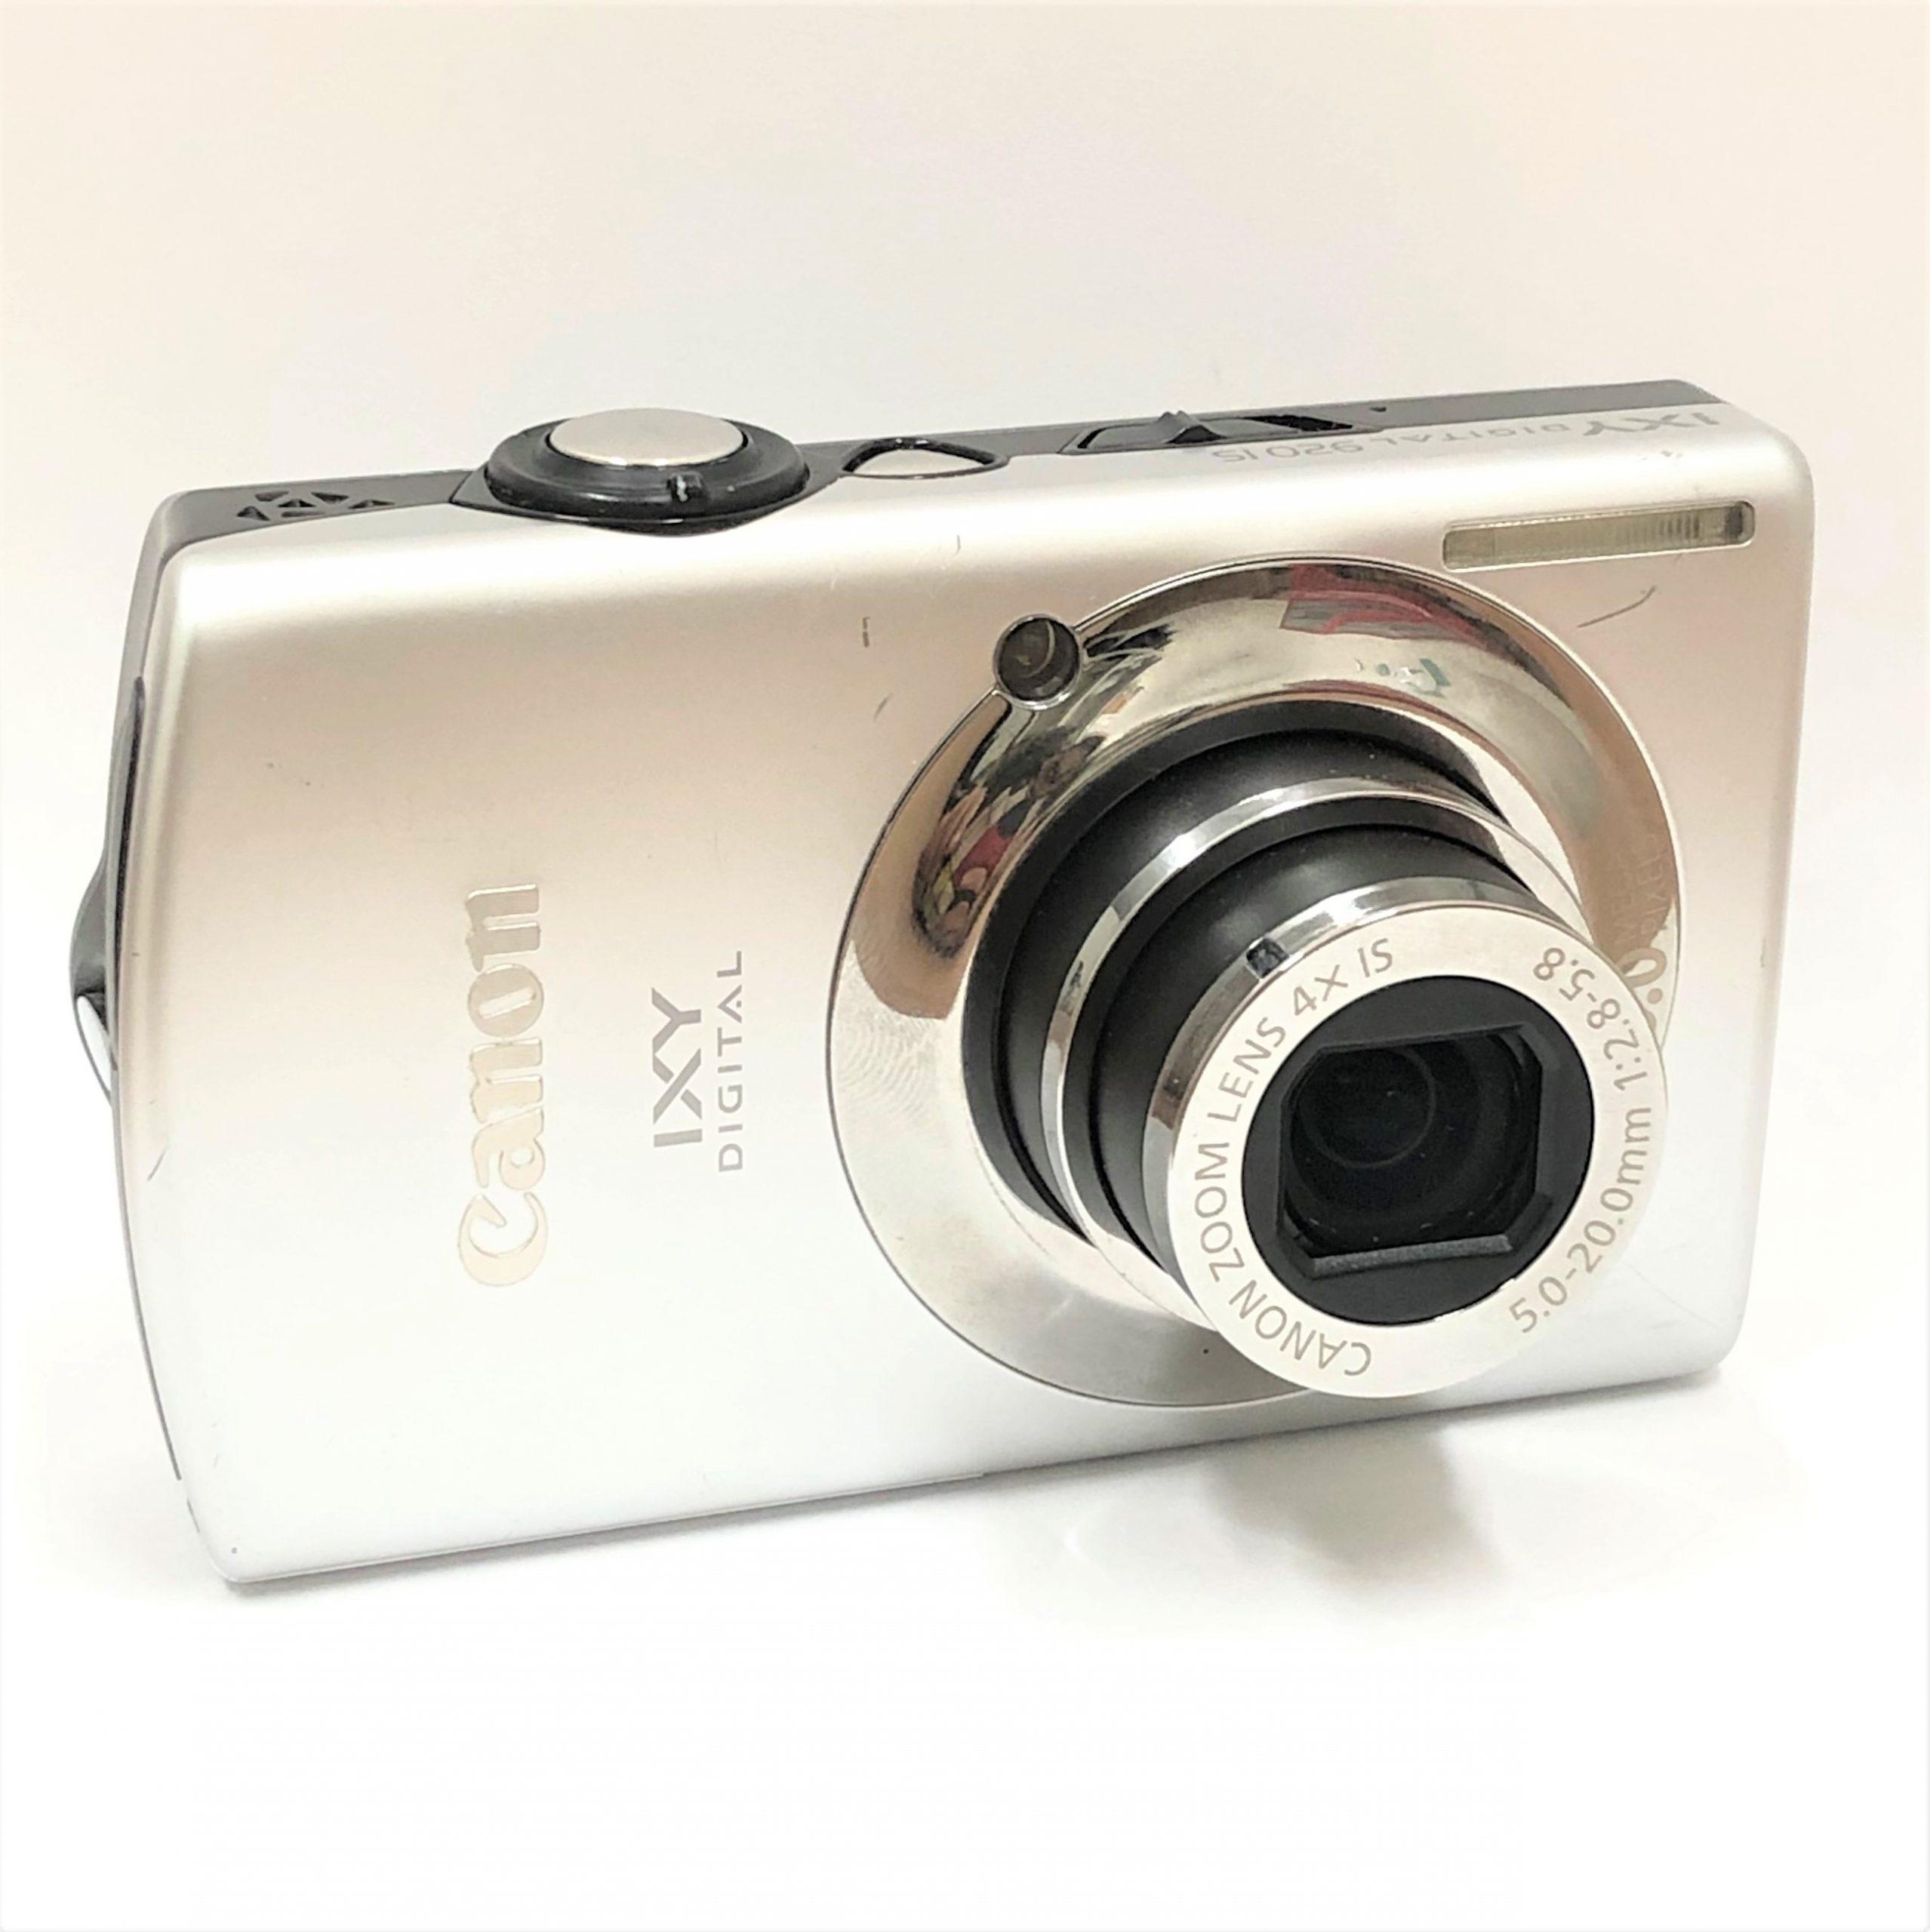 【Canon/キャノン】IXY DIGITAL 920 IS デジタルコンパクトカメラ